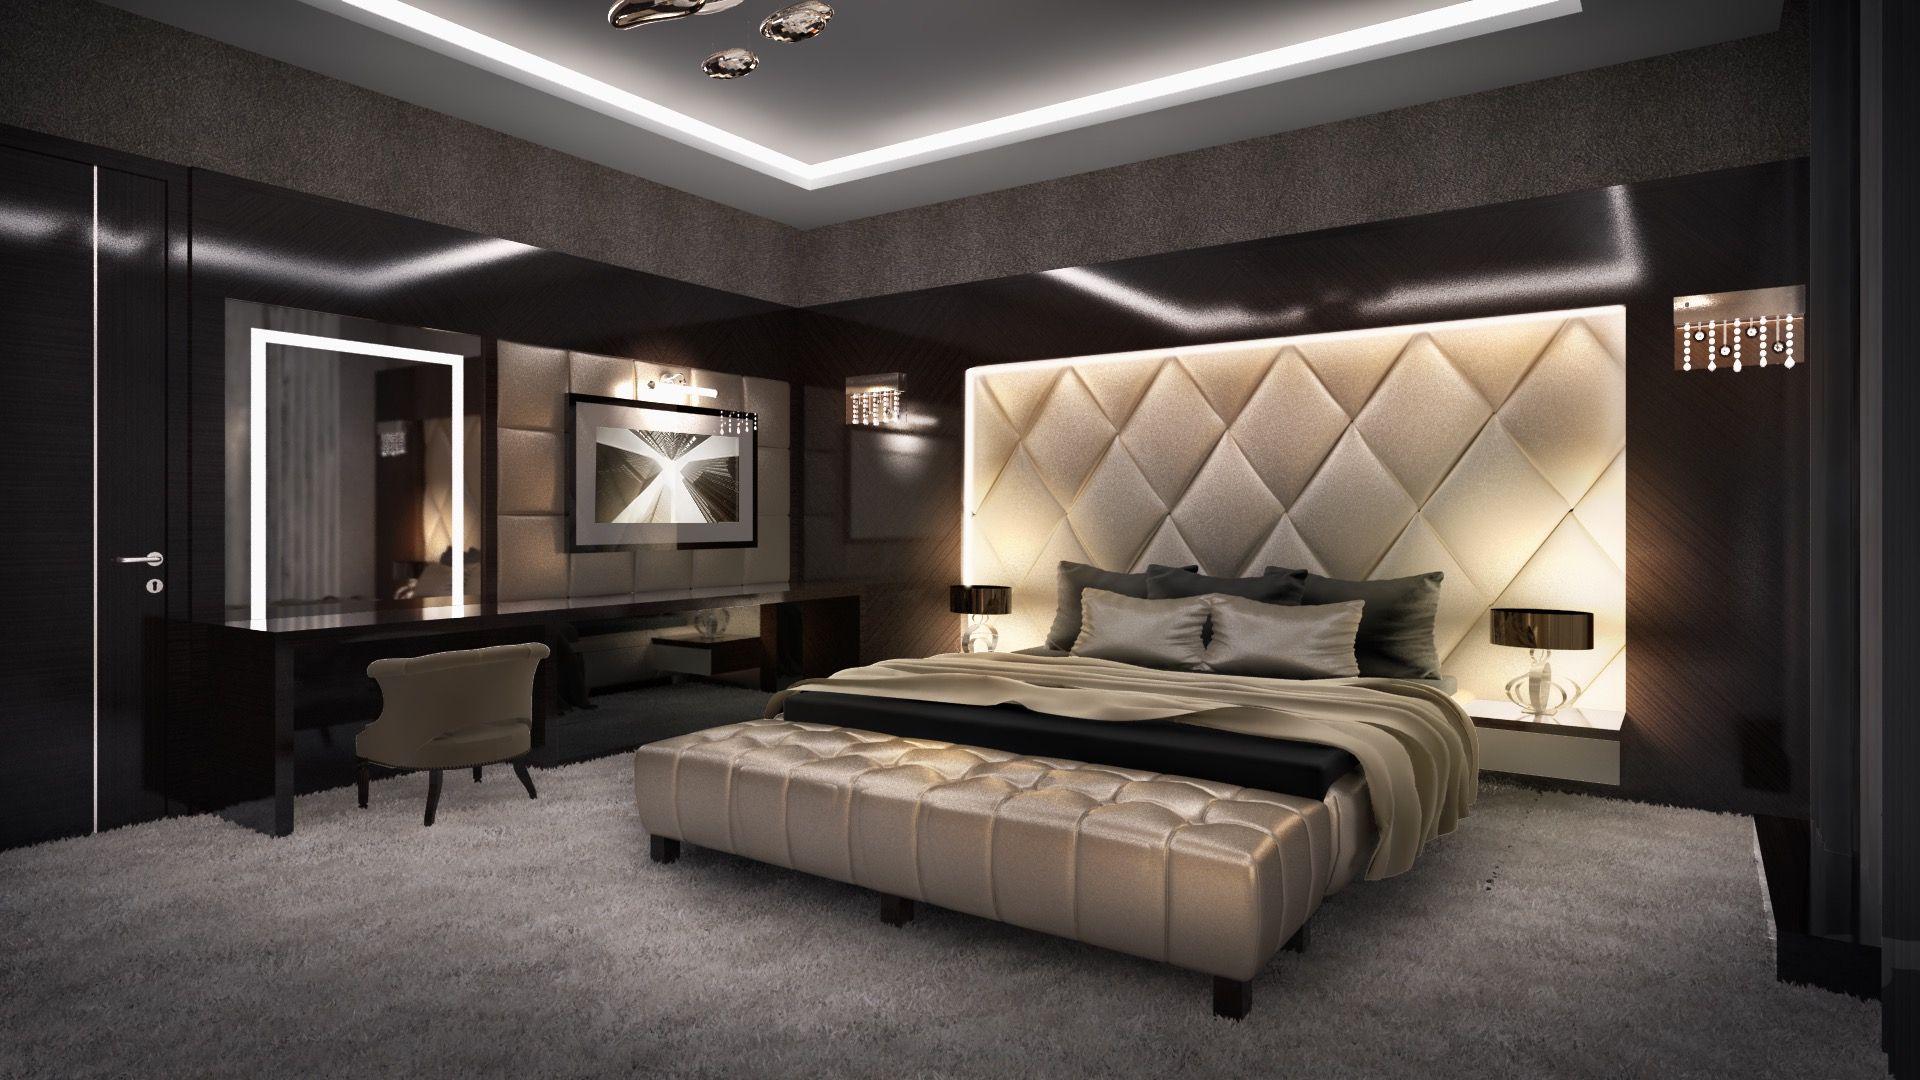 SZAKADÉK UTCA - MODERN LUXUS BELSŐÉPÍTÉSZET | Luxury bedroom ...